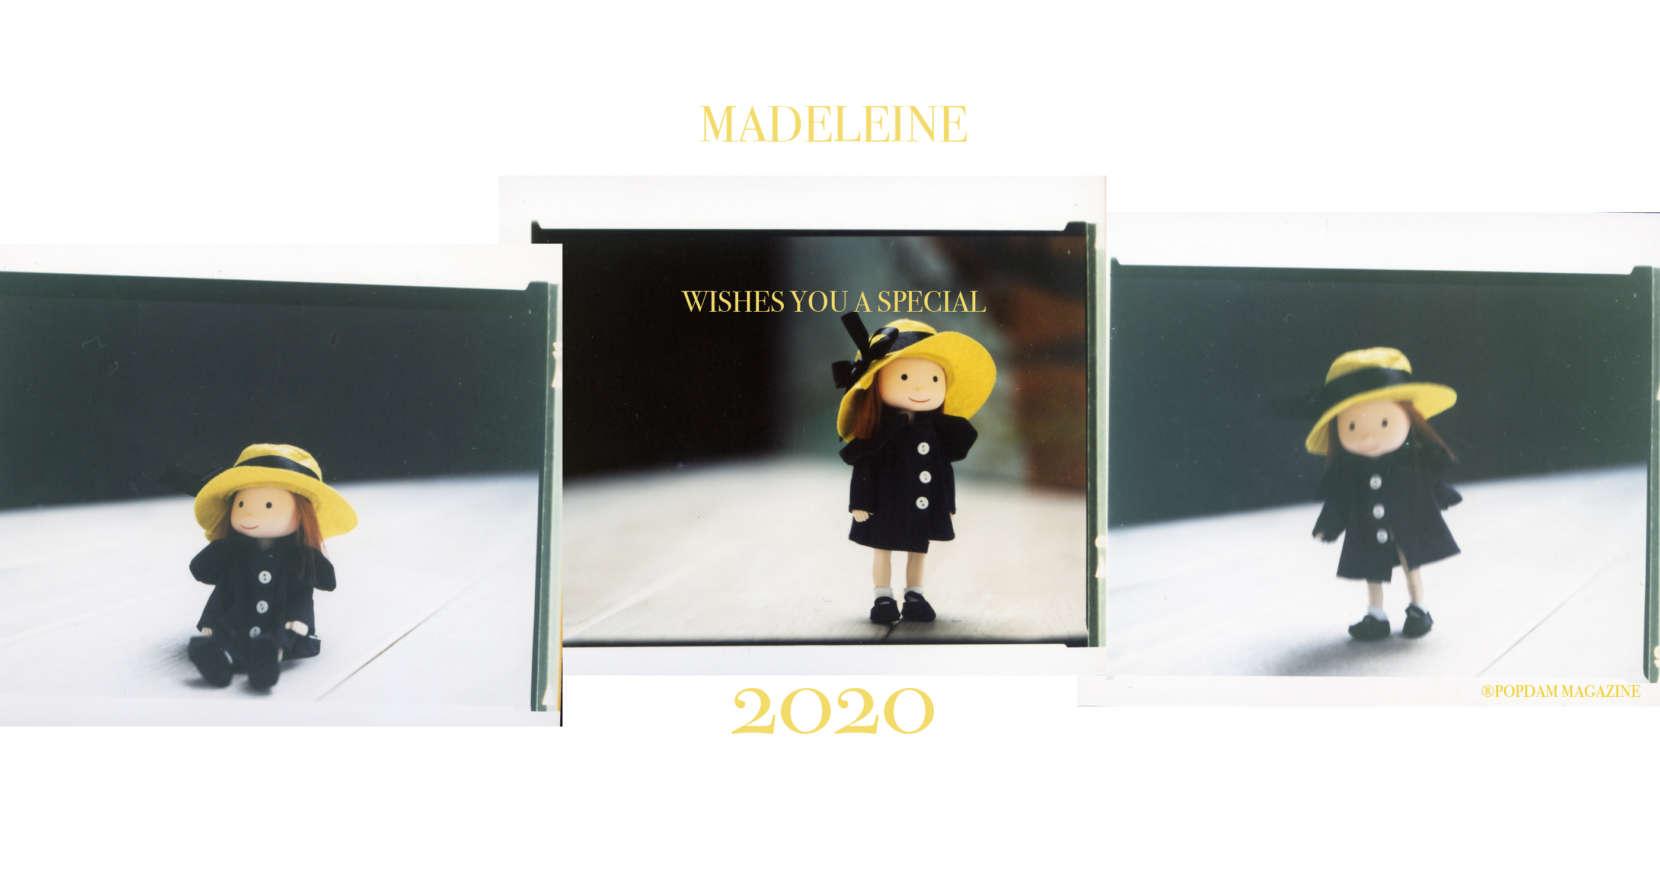 03-TAVOLA-MADELEINE-1660x889.jpg